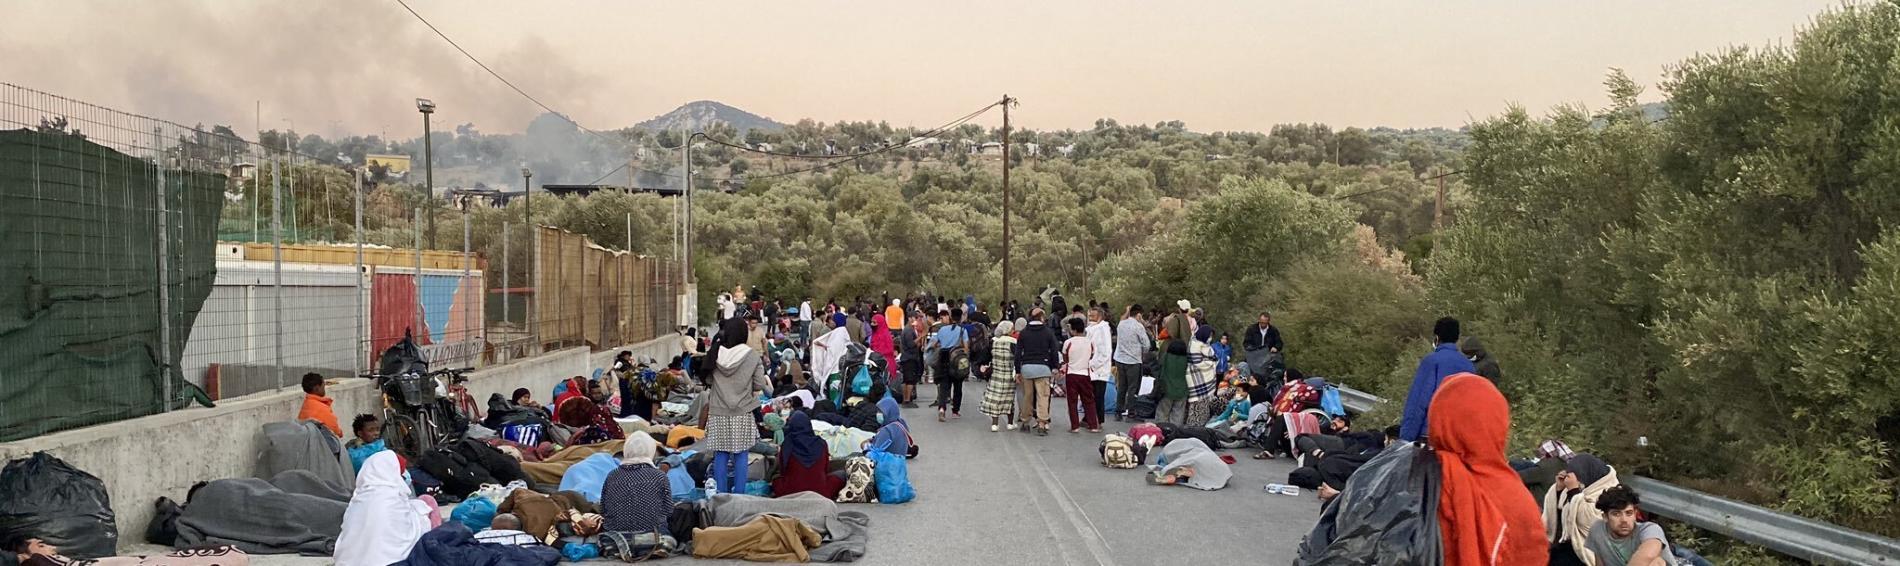 Geflüchtete nach dem Feuer in Moria. Foto: Theo Voulgarakis